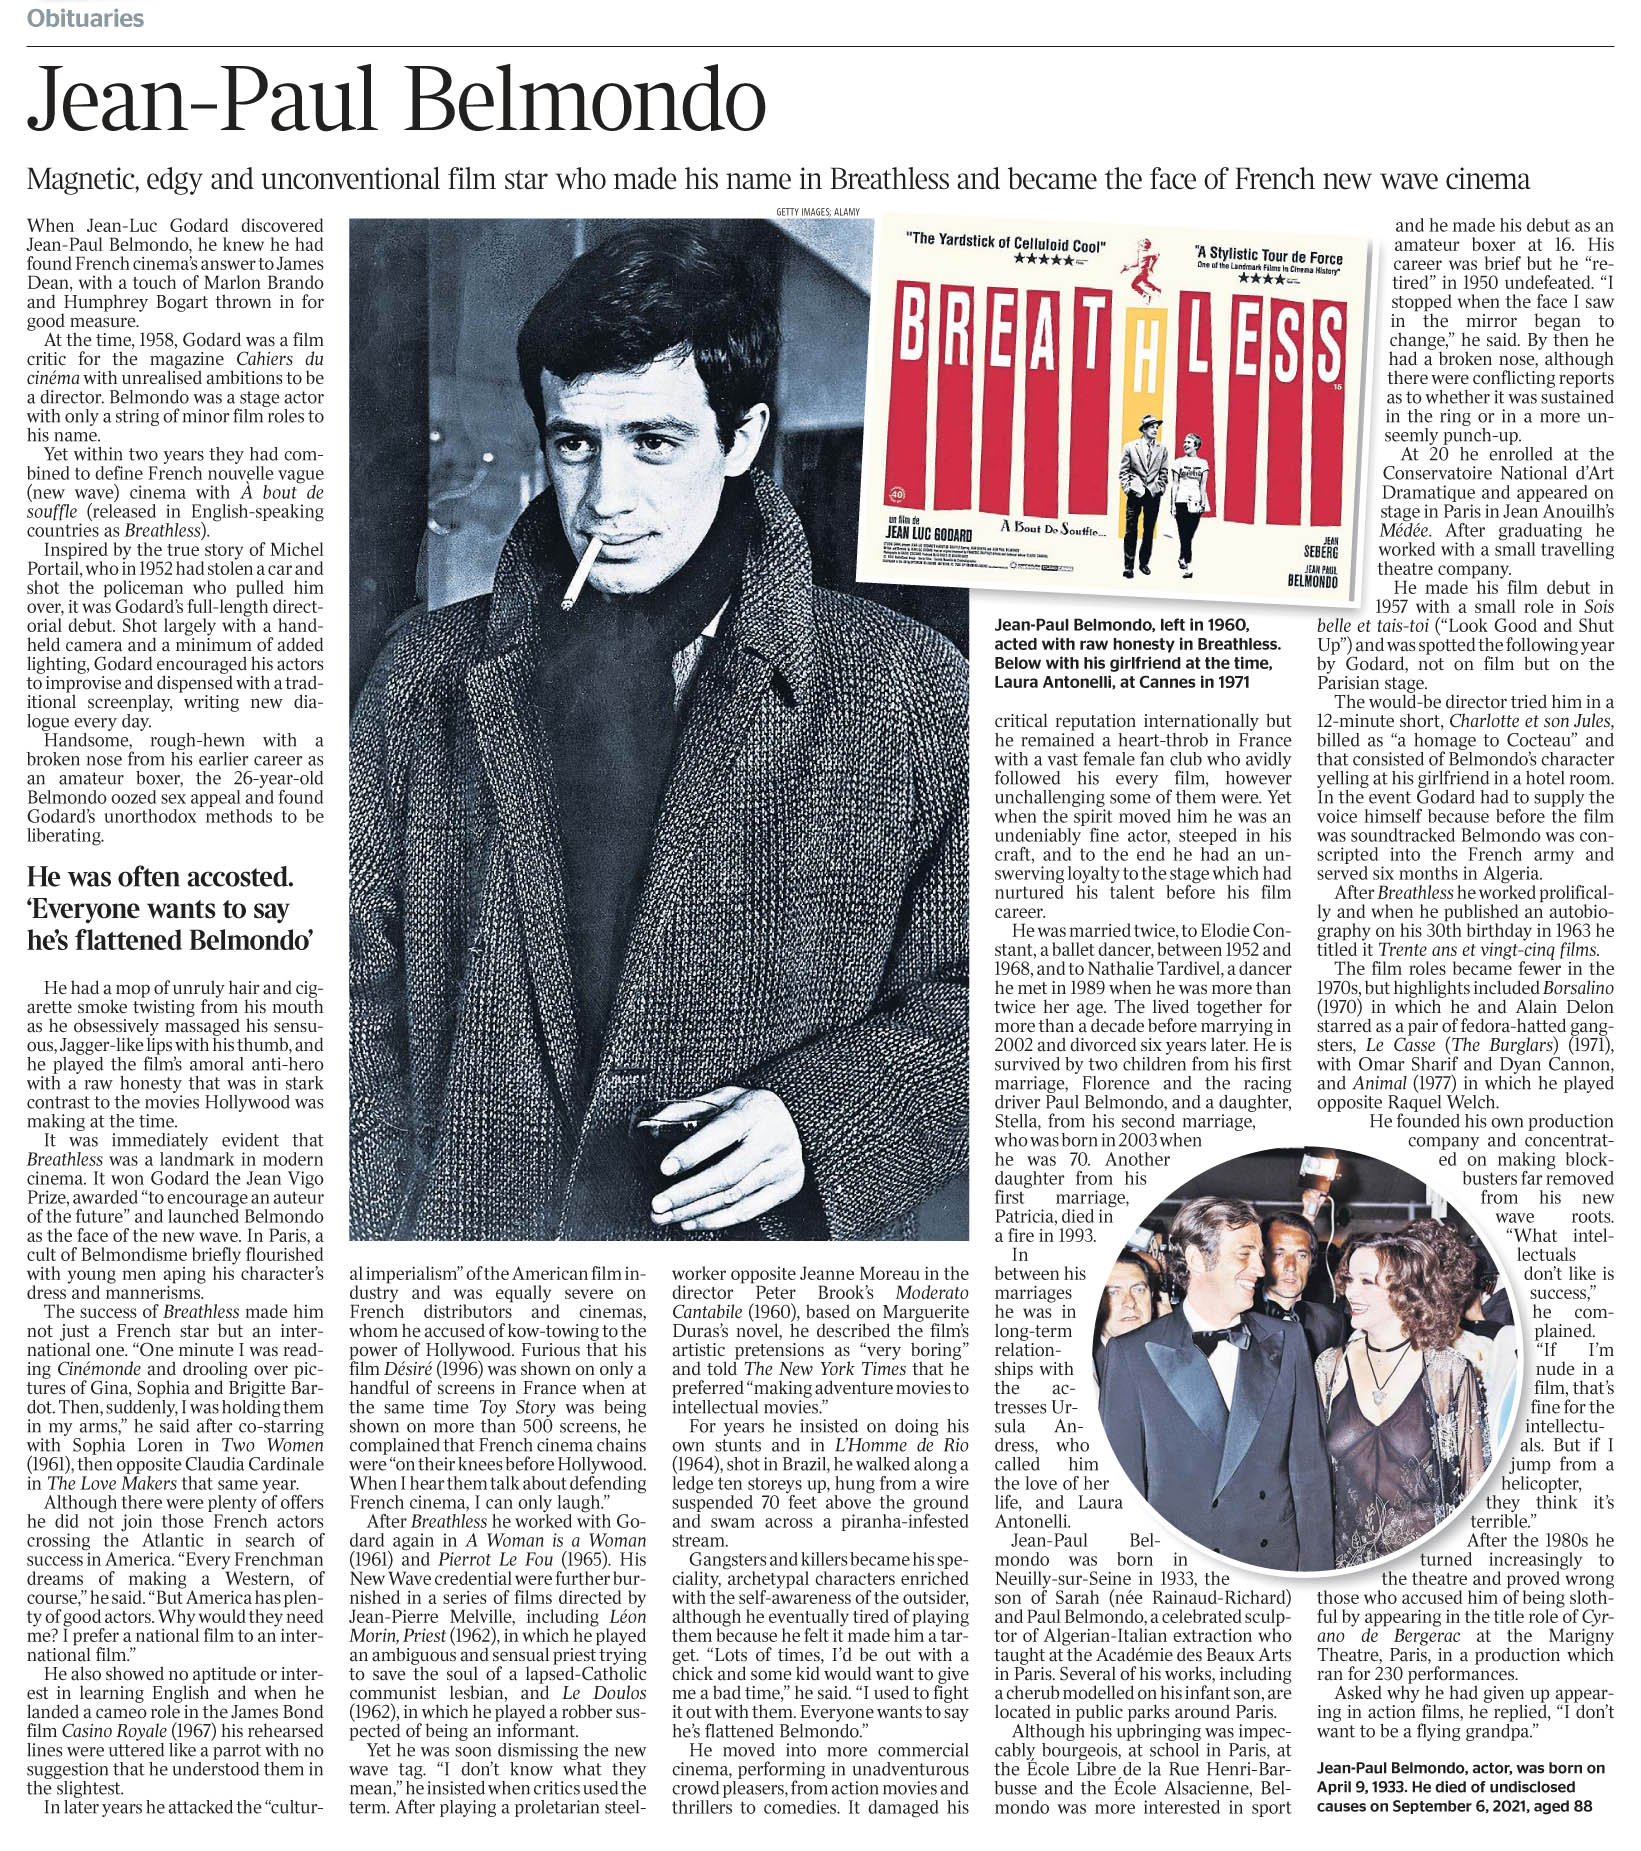 Times 210907 Belmondo.jpg